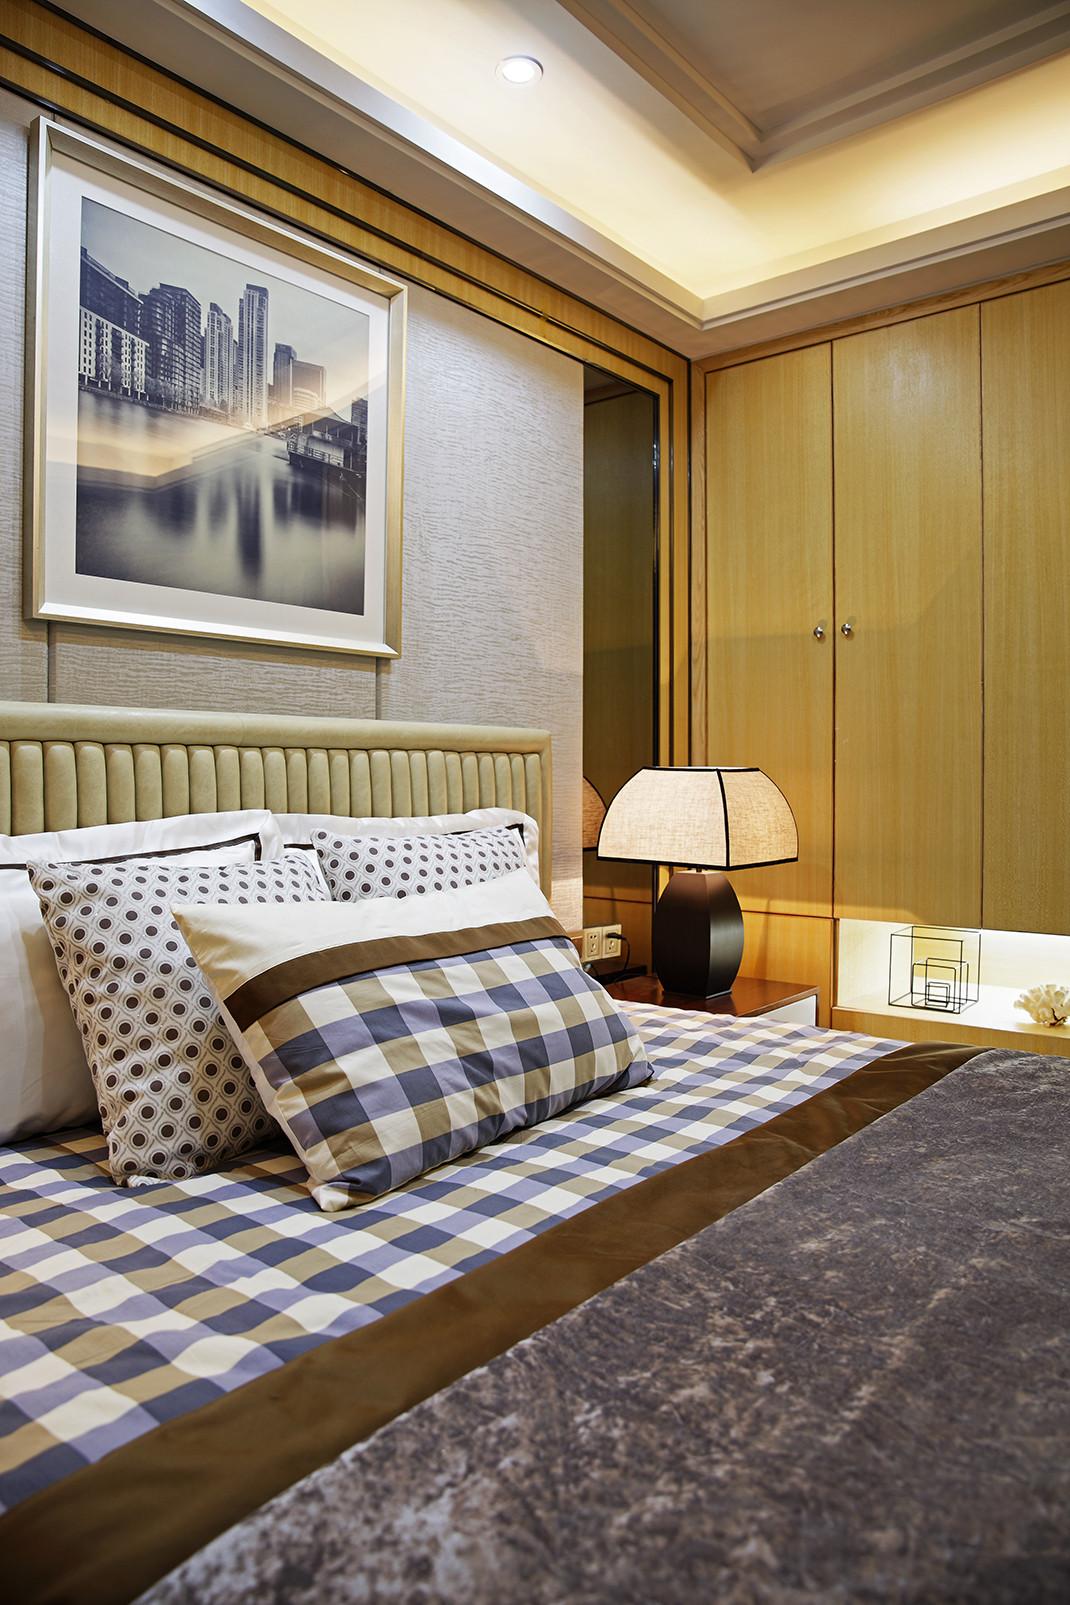 现代时尚三居床品图片